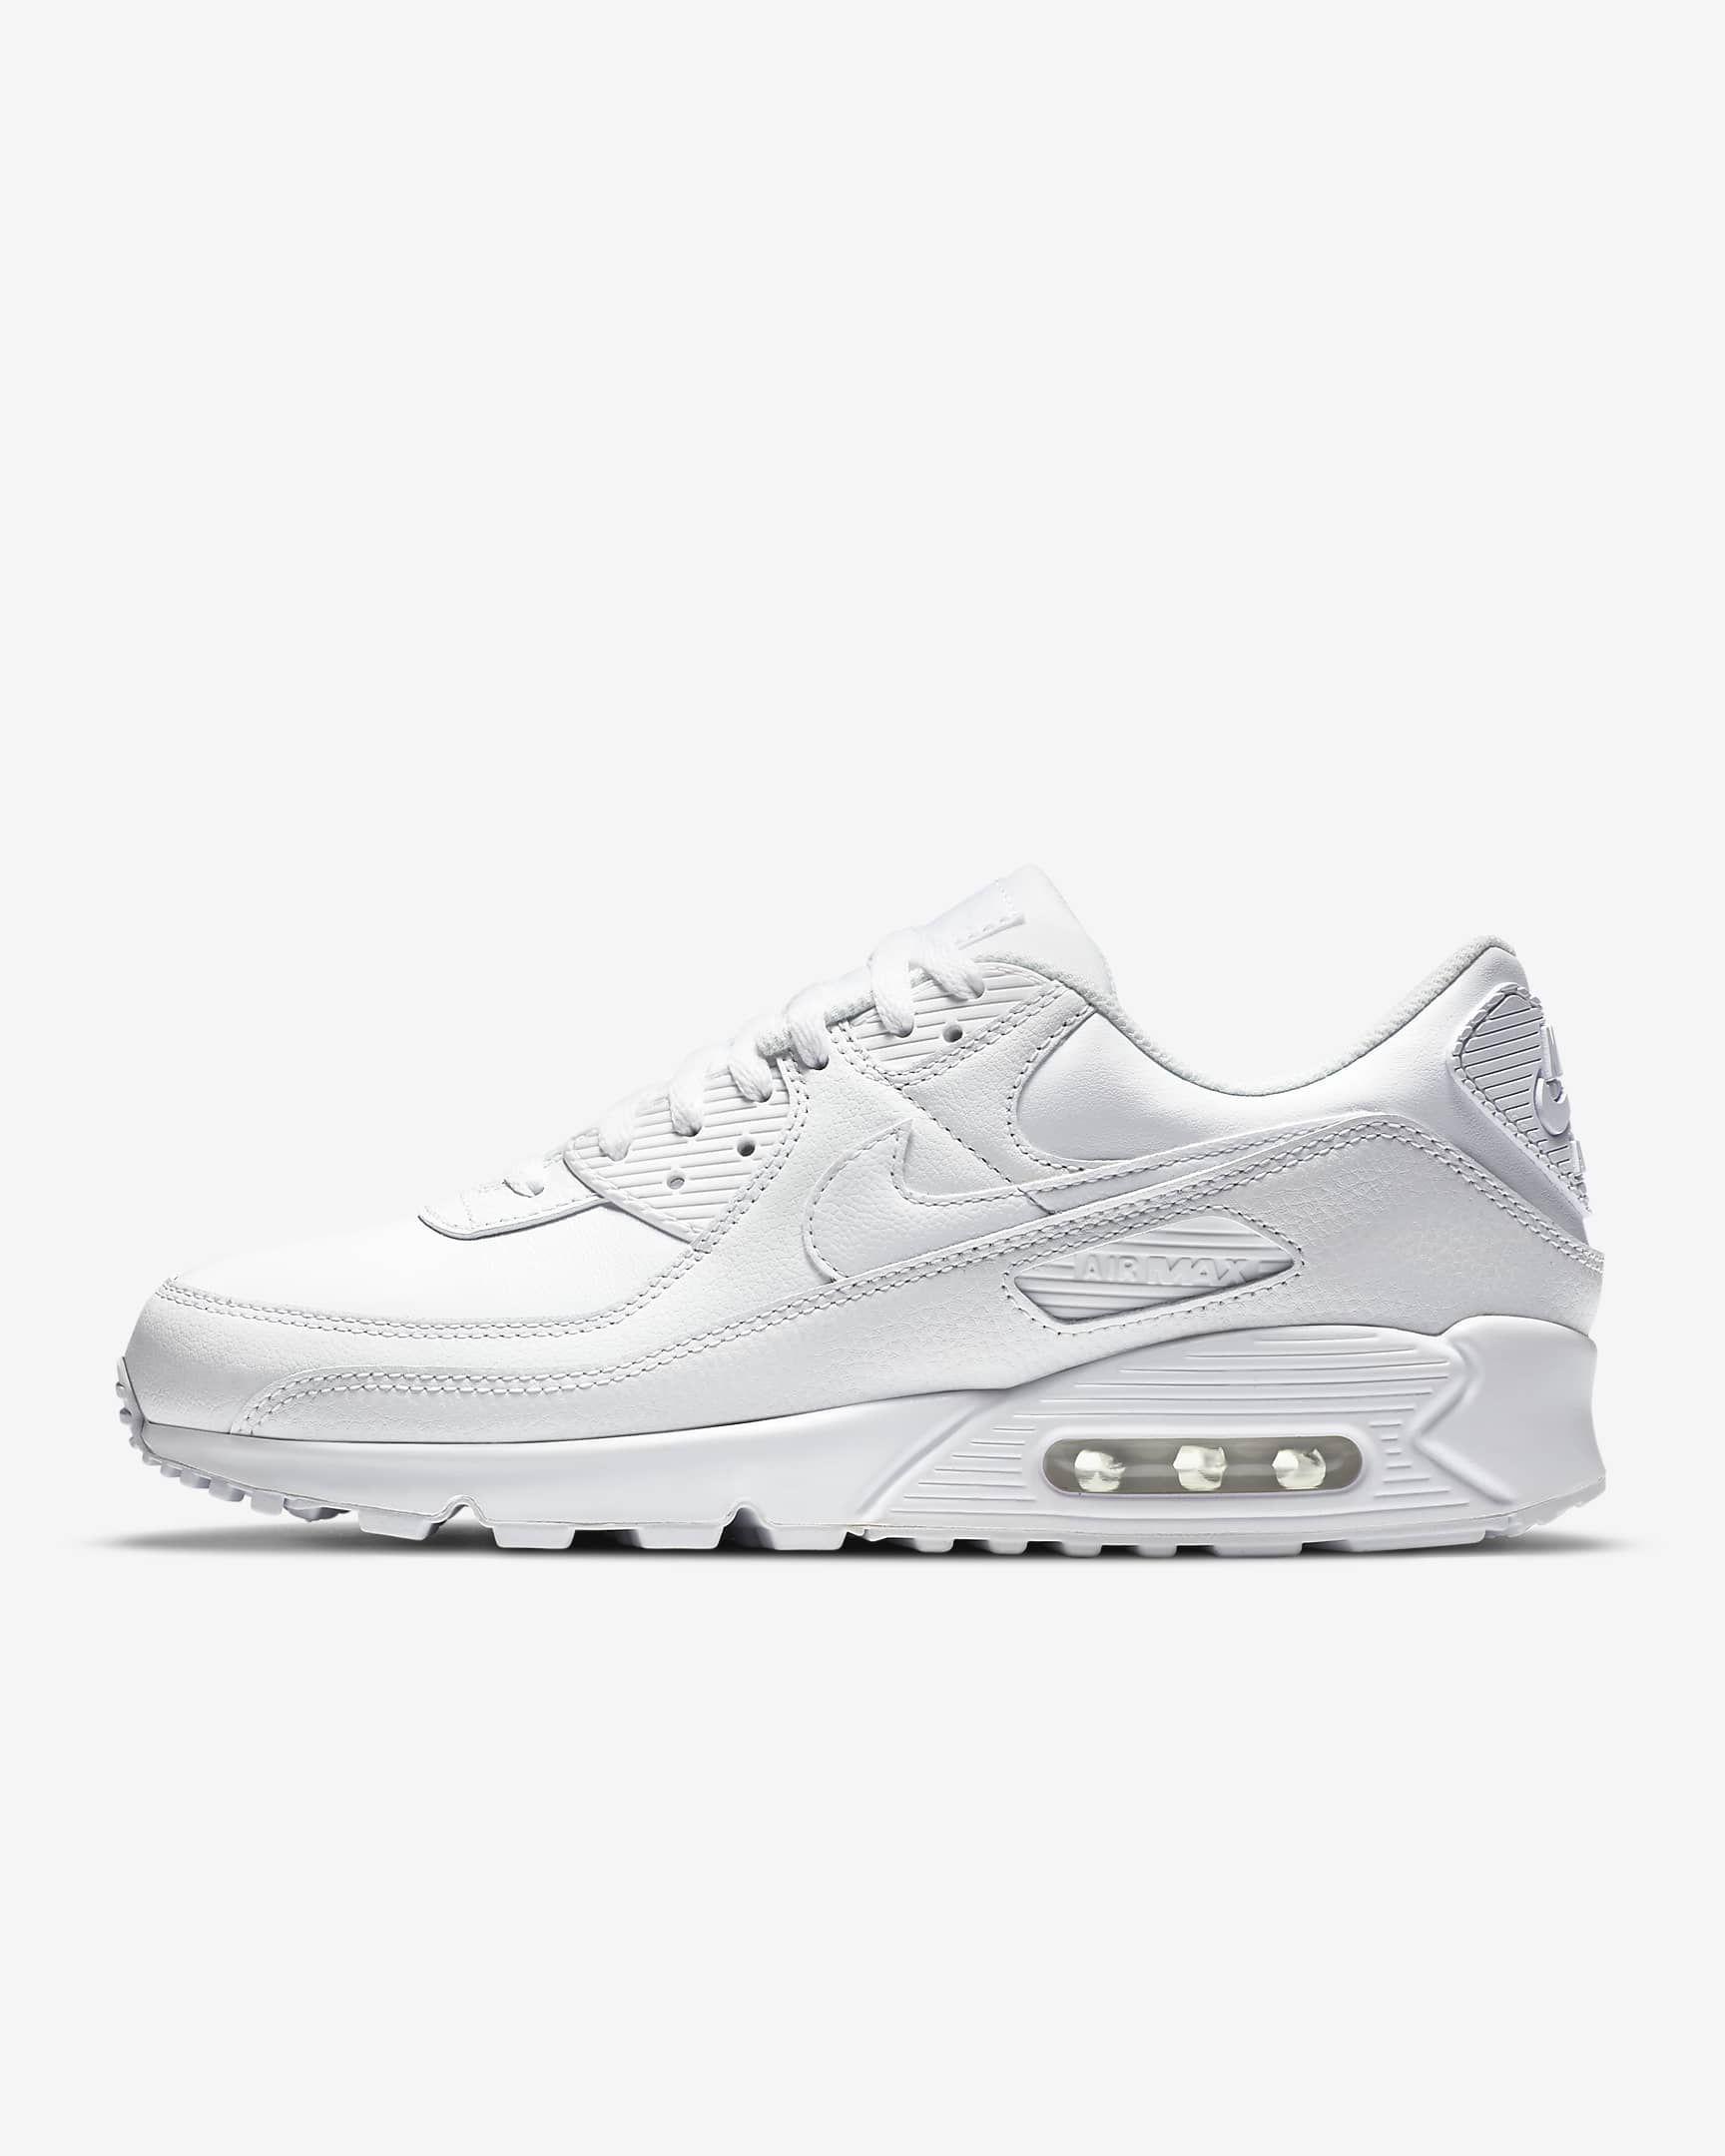 Preferuješ tenisky pred topánkami aj počas sychravých dní? Celokožené Nike Air Max 90 sú pre teba ideálnou voľbou